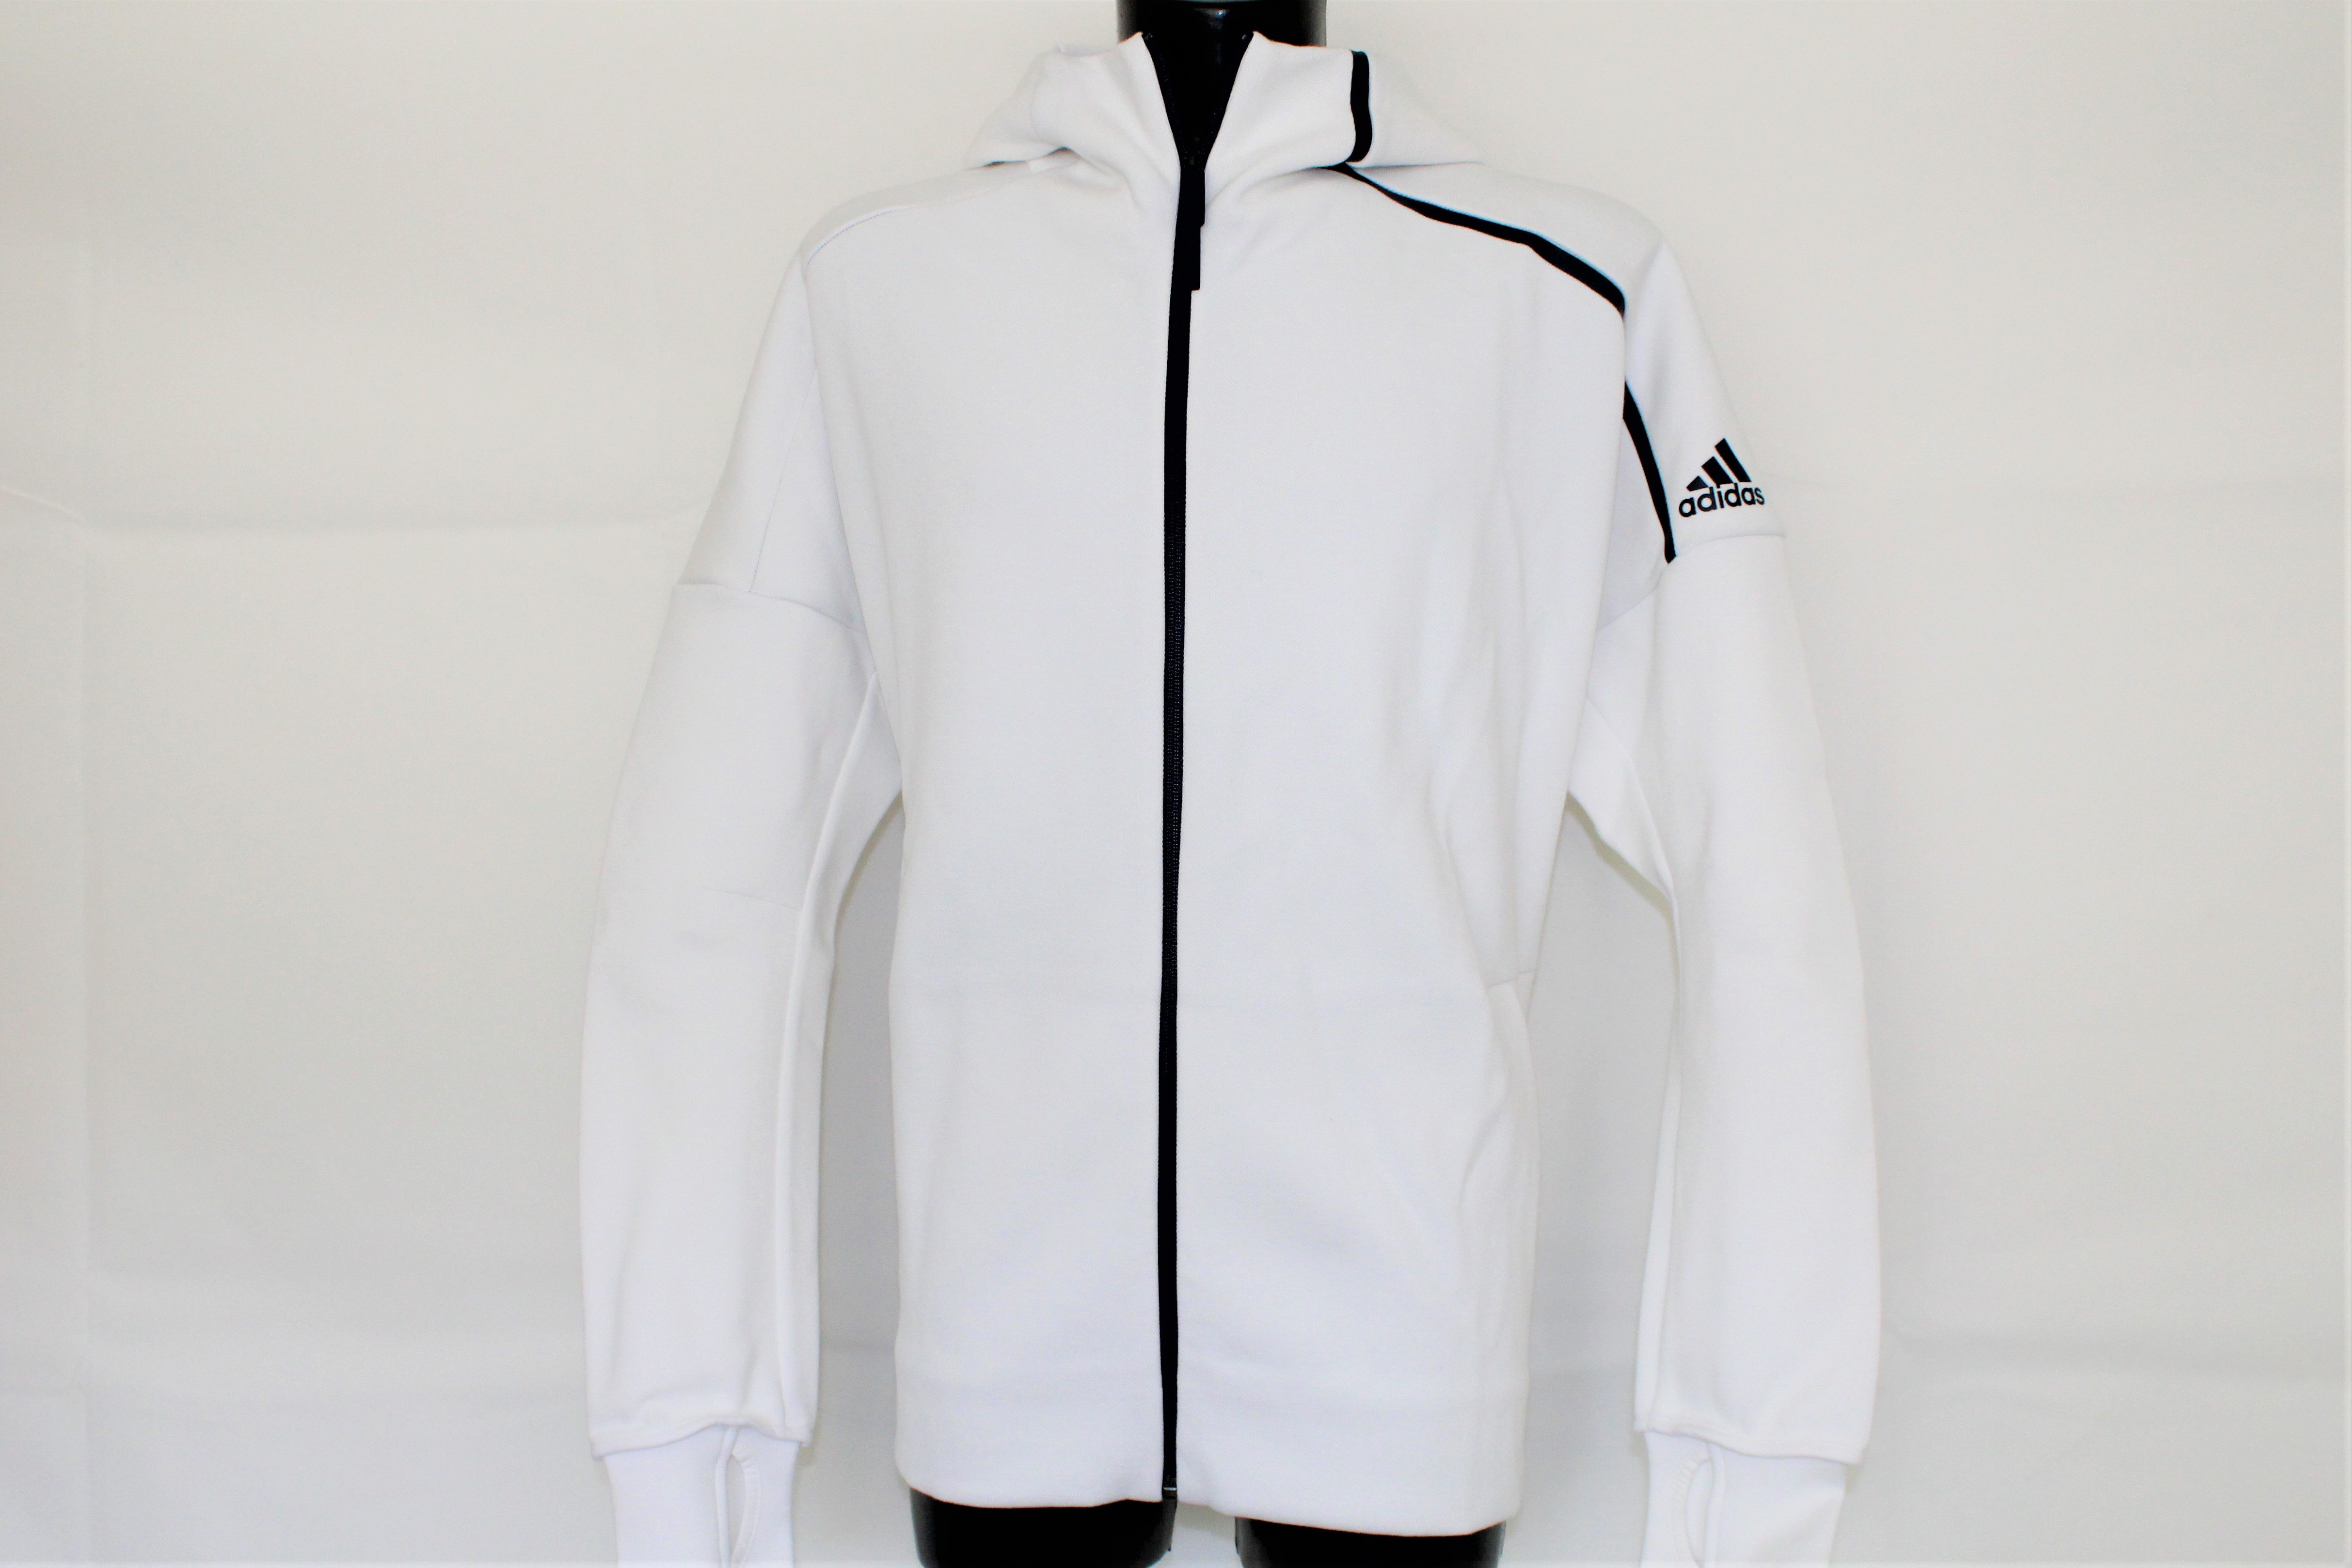 Herren Adidas Adidas Strickjacke Strickjacke Herren Weiß